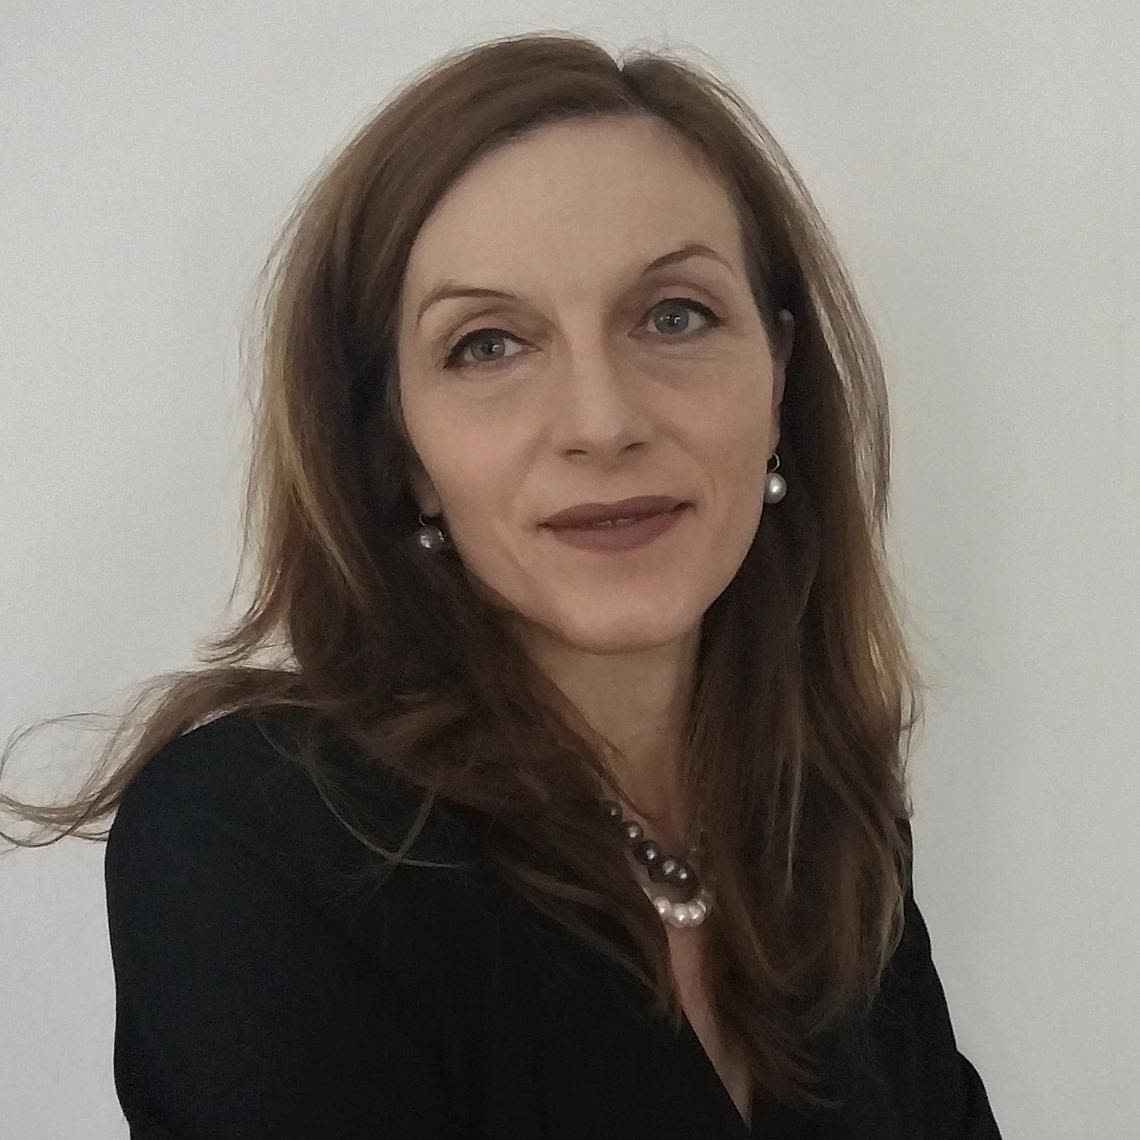 Dr Caterina Fanello